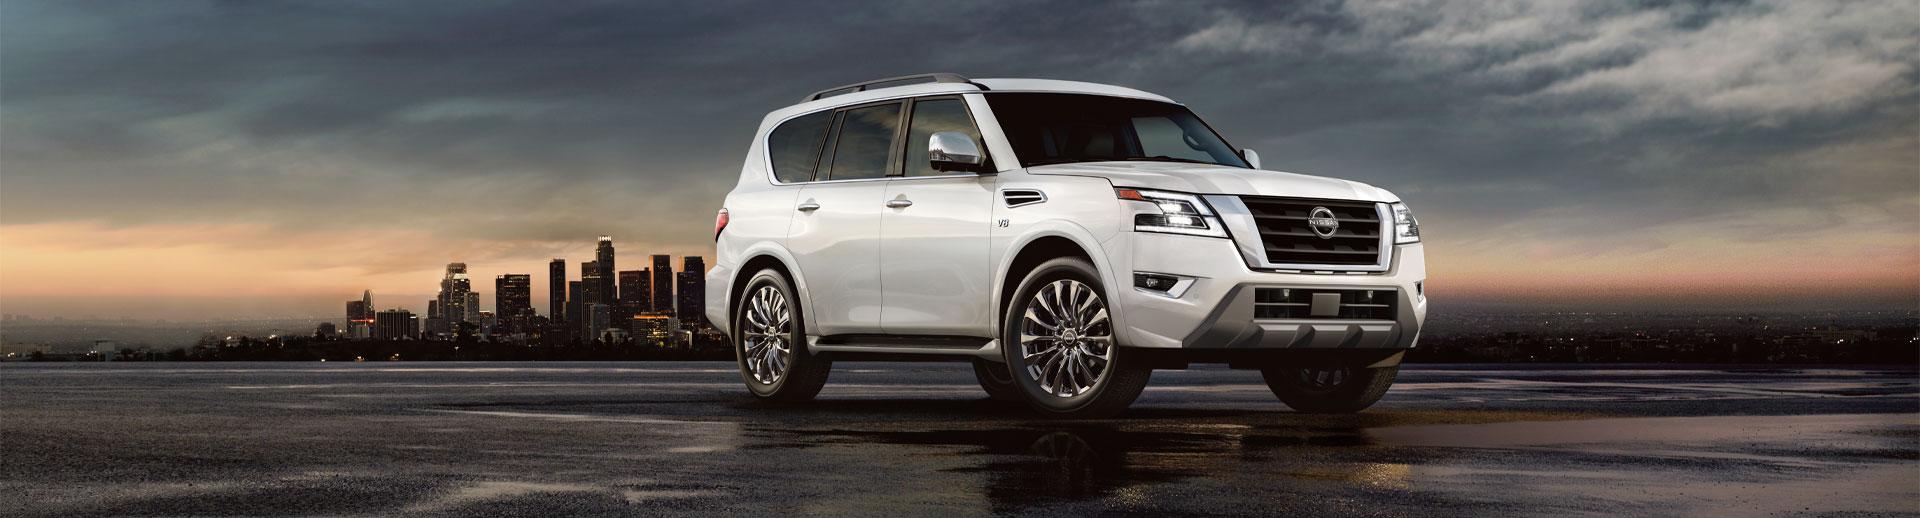 2022 Nissan Armada Lifestyle Photo